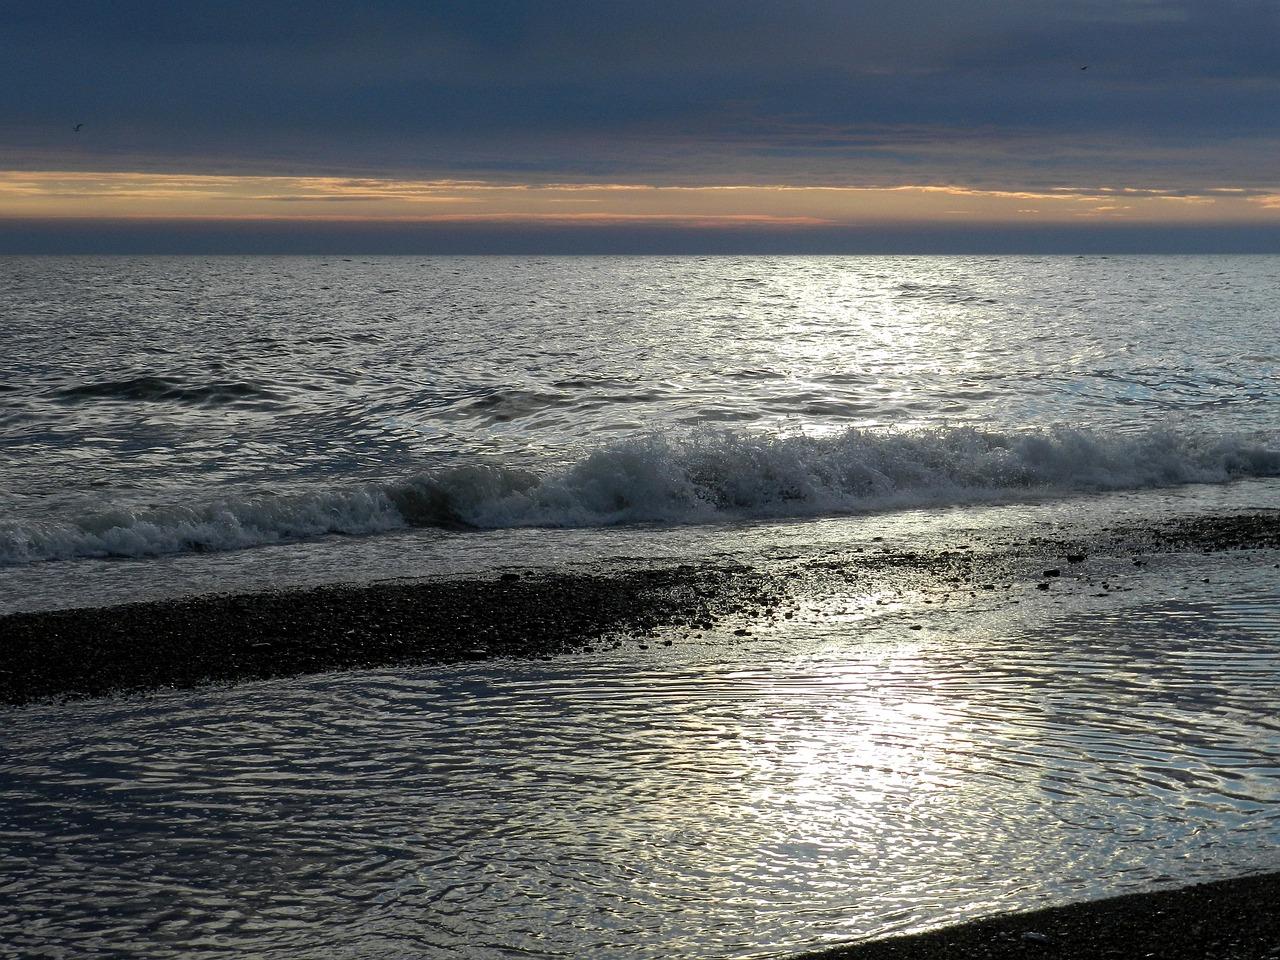 тихий океан смотреть картинки кусты невысокого